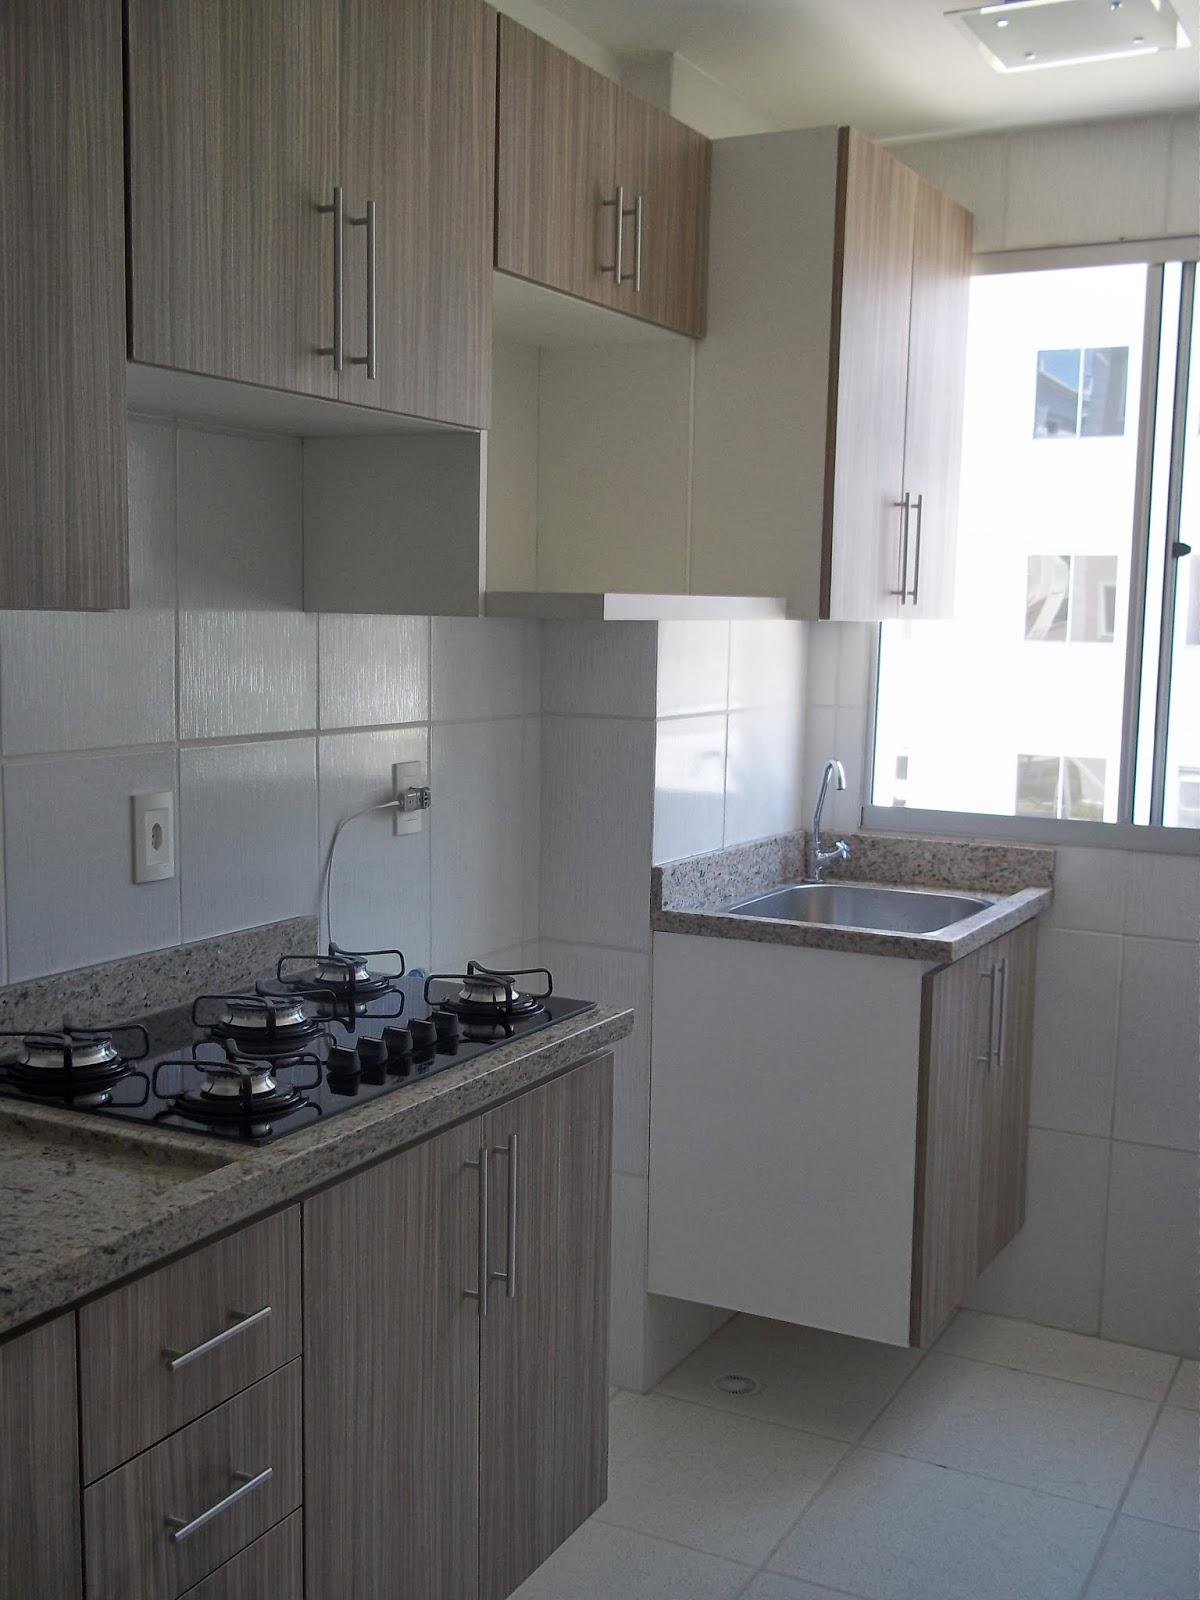 de Marcenária e Montagem de Móveis: cozinha com lavanderia em mdf  #51667A 1200 1600